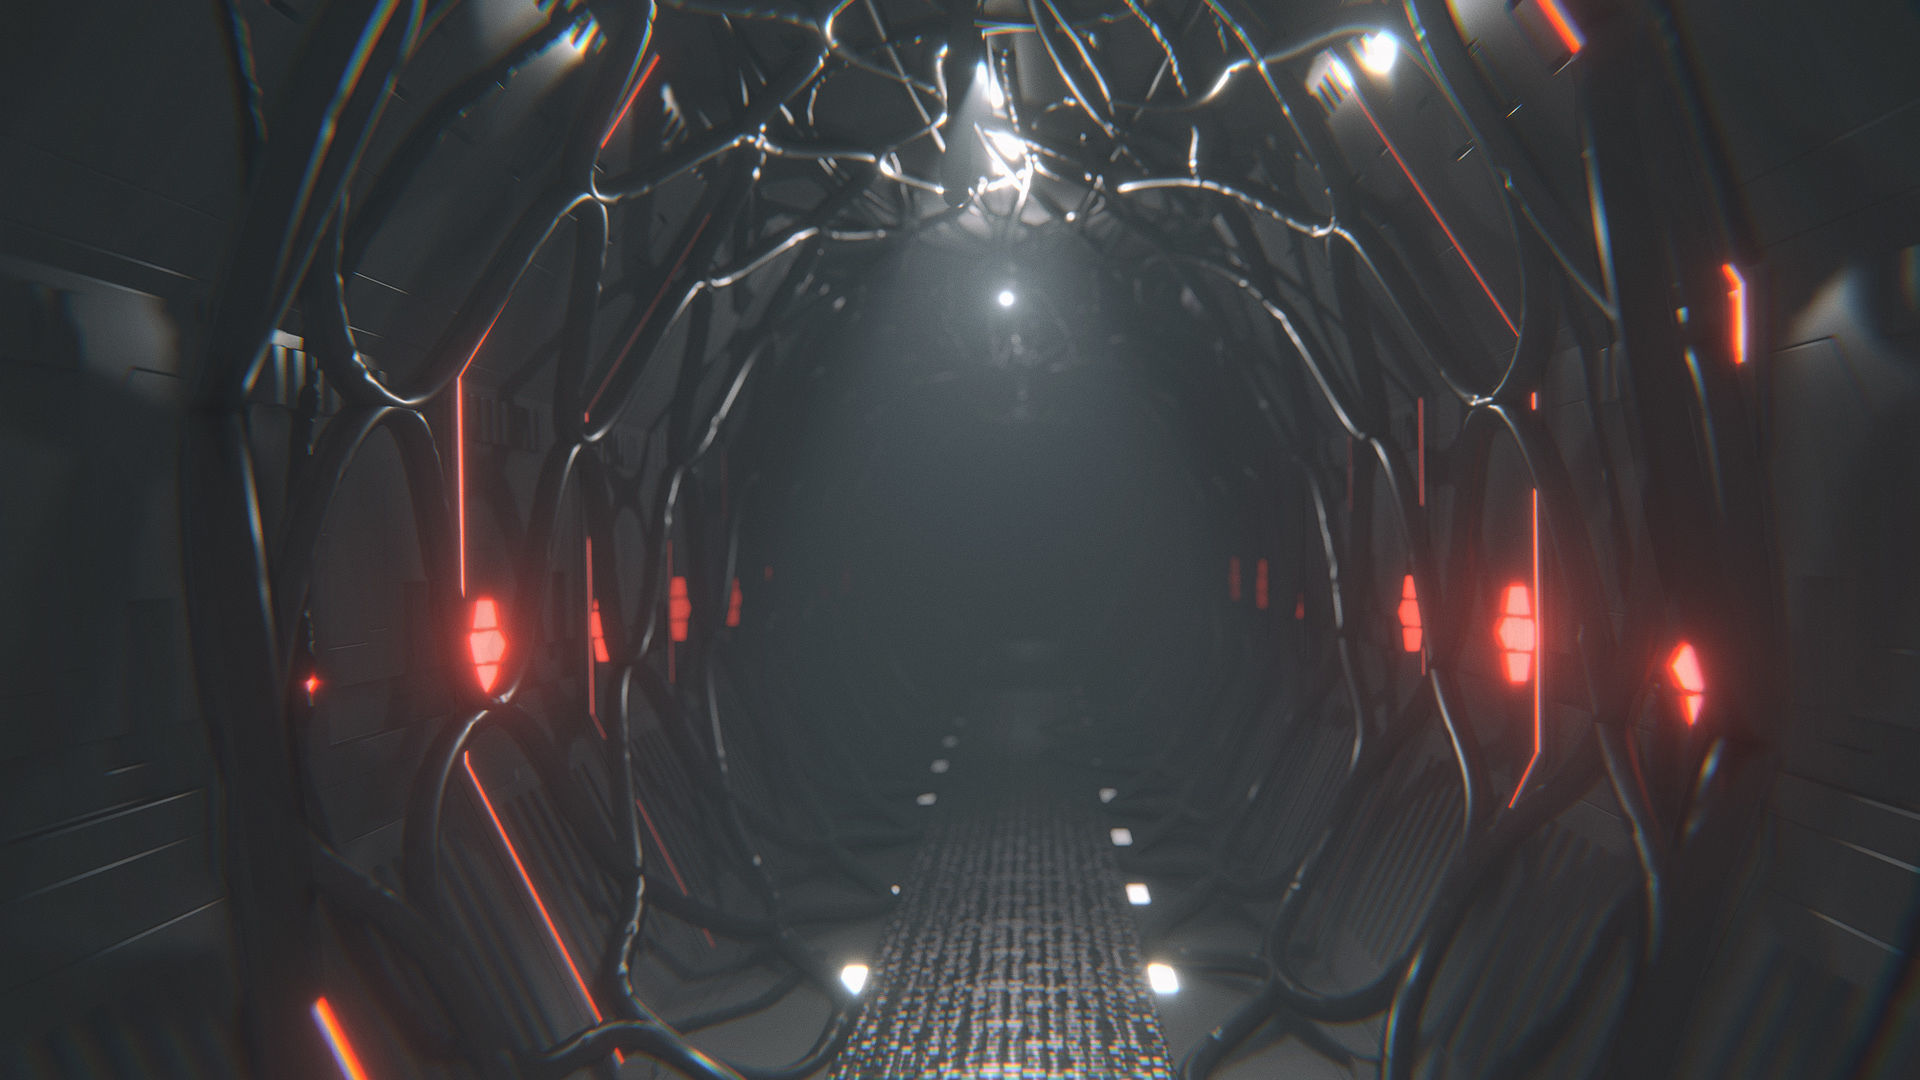 Sci Fi Corridor Tunnel Interior